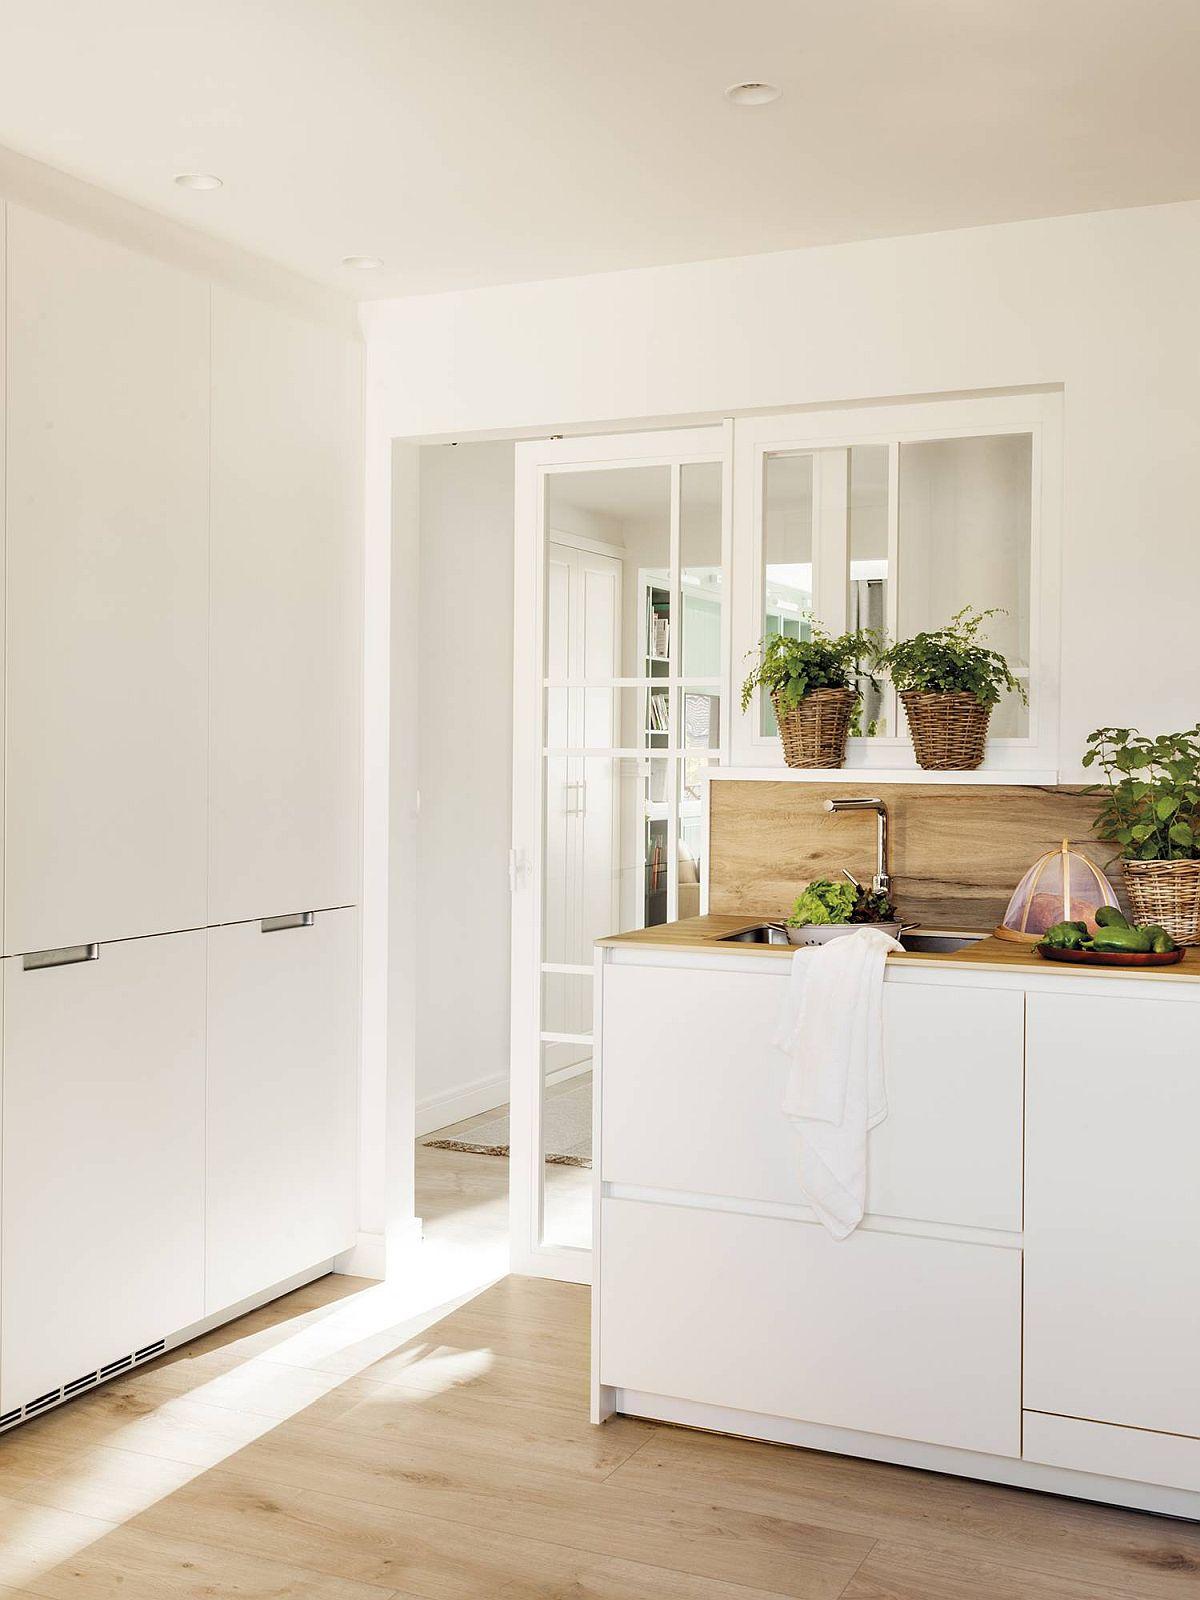 adelaparvu.com despre amenajare locuinta urbana luminoasa, design Sube Susaeta Interiorismo, Foto Philips Scheffel ElMueble, Sube Susaeta Interiorismo (18)